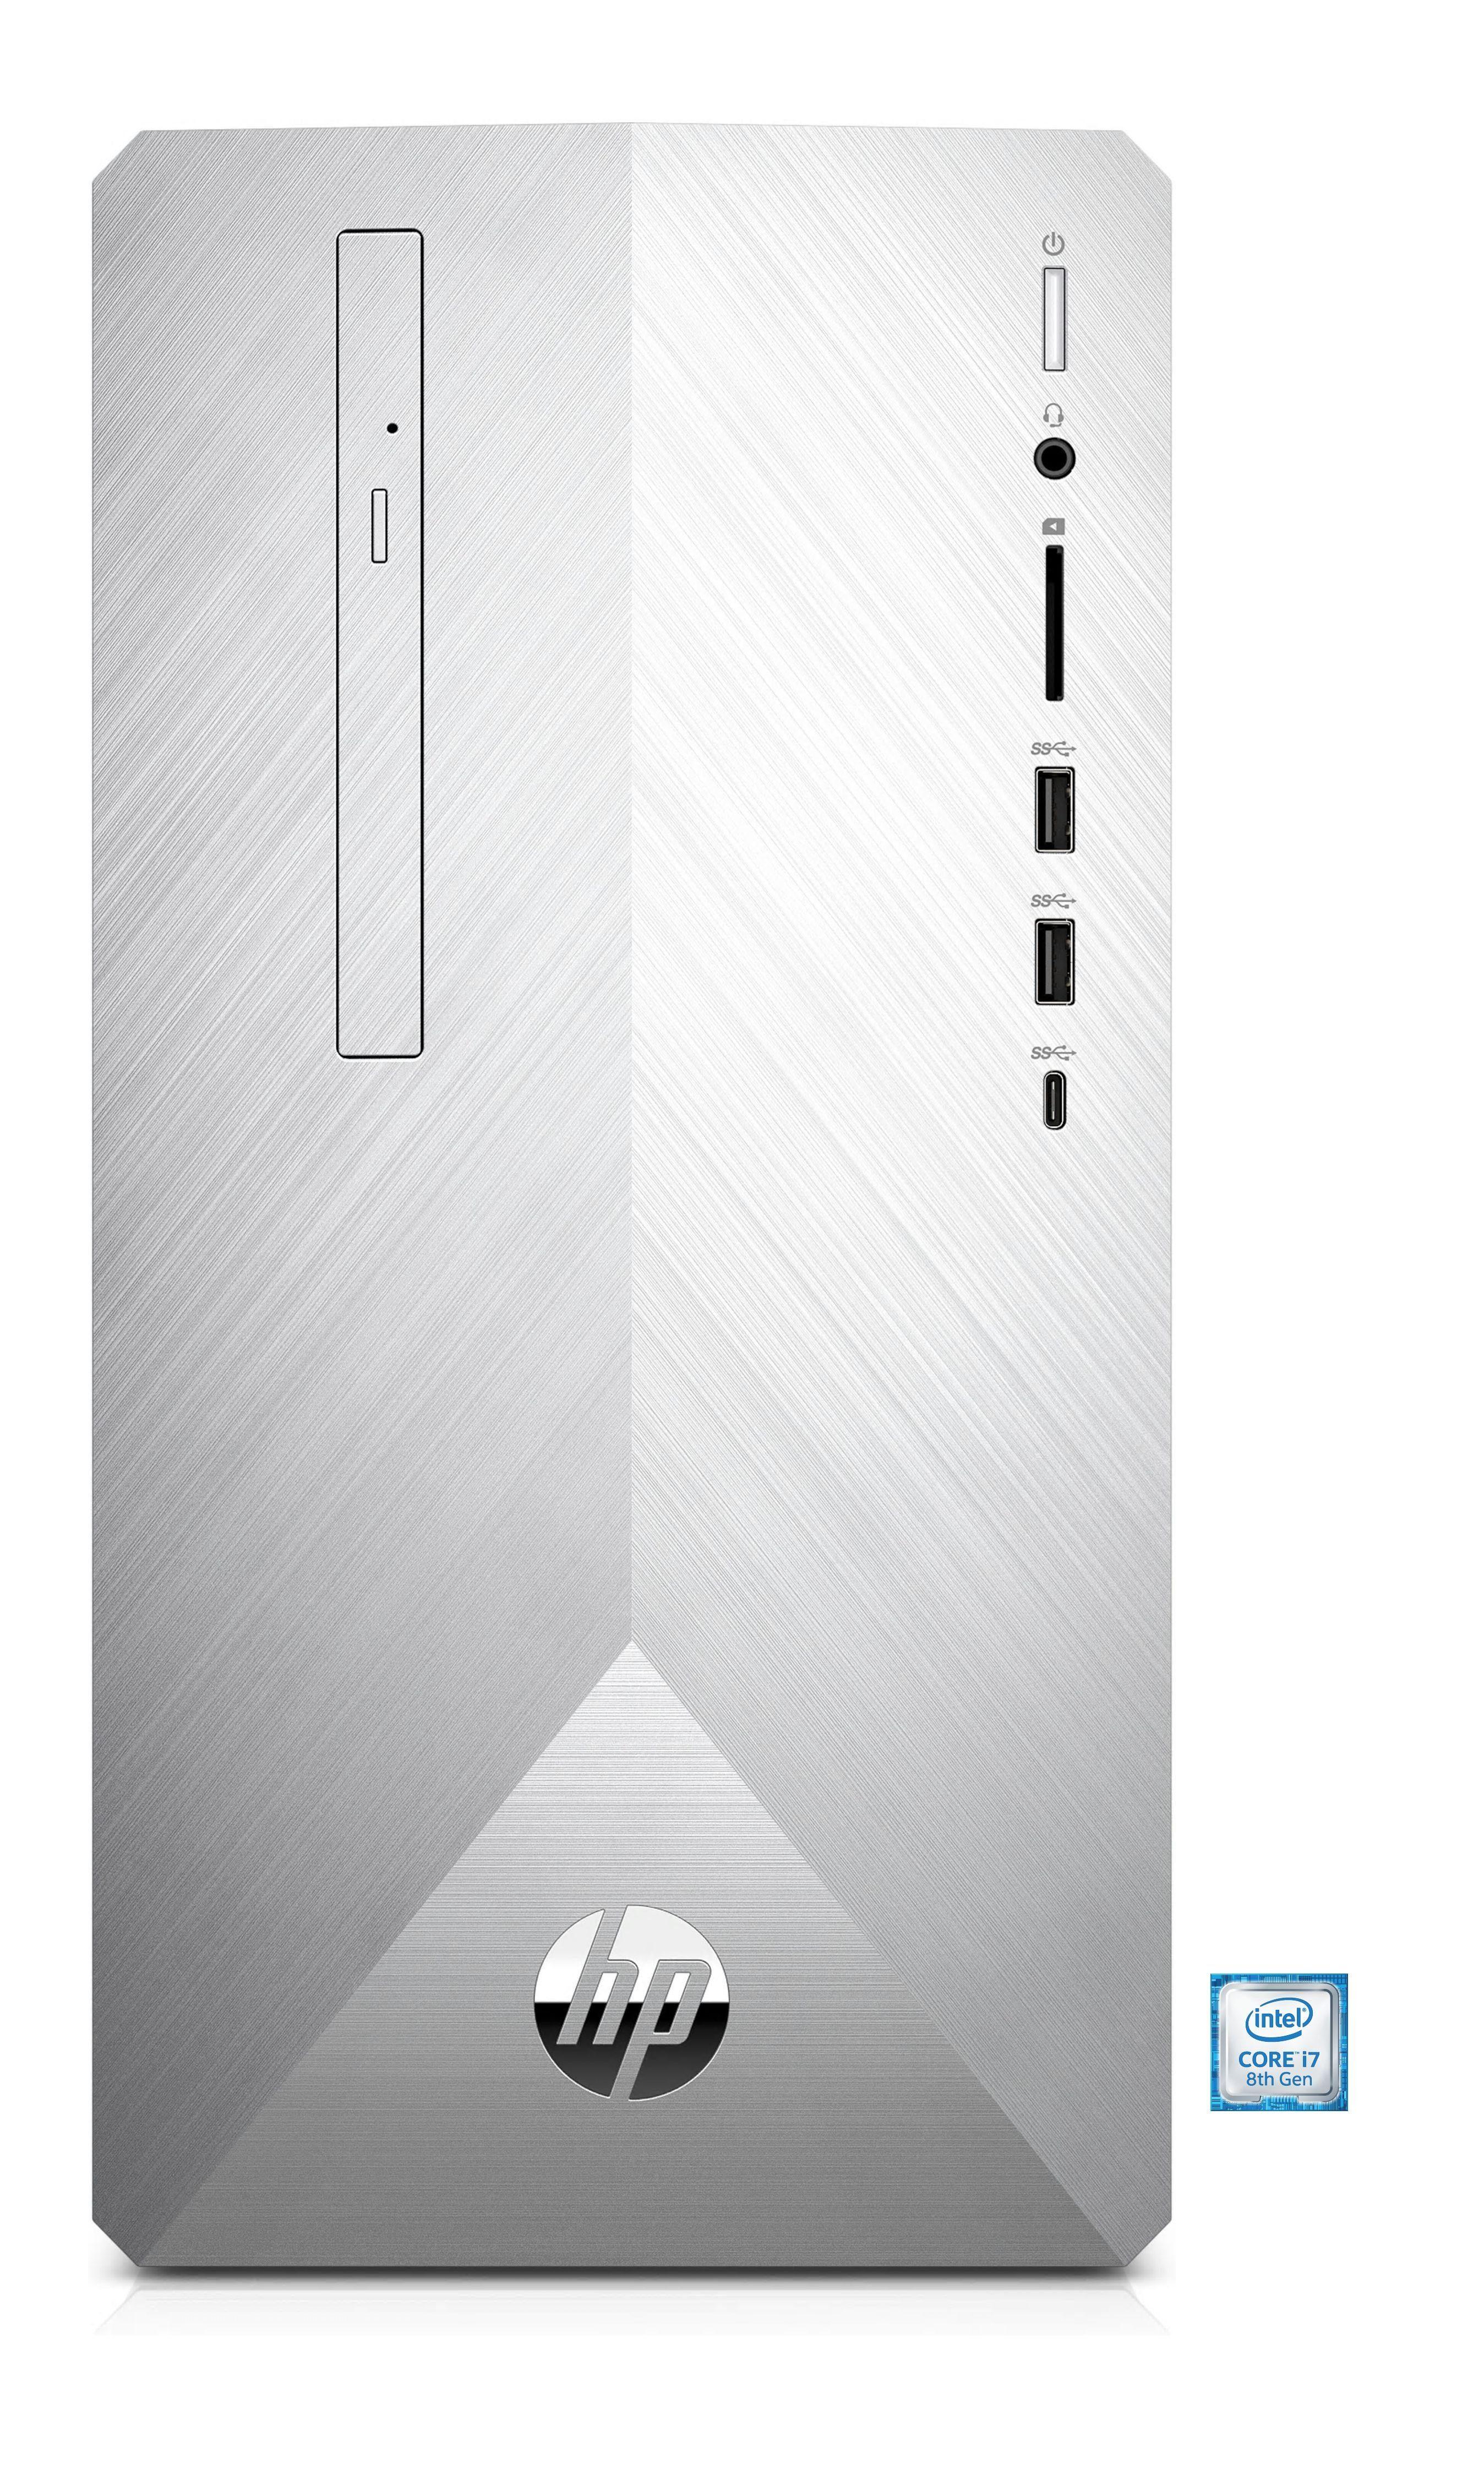 HP Pavilion 595-p0007ng Desktop PC »Intel Core i7, NVIDIA GT 1030,128 GB +1 TB, 16 GB«